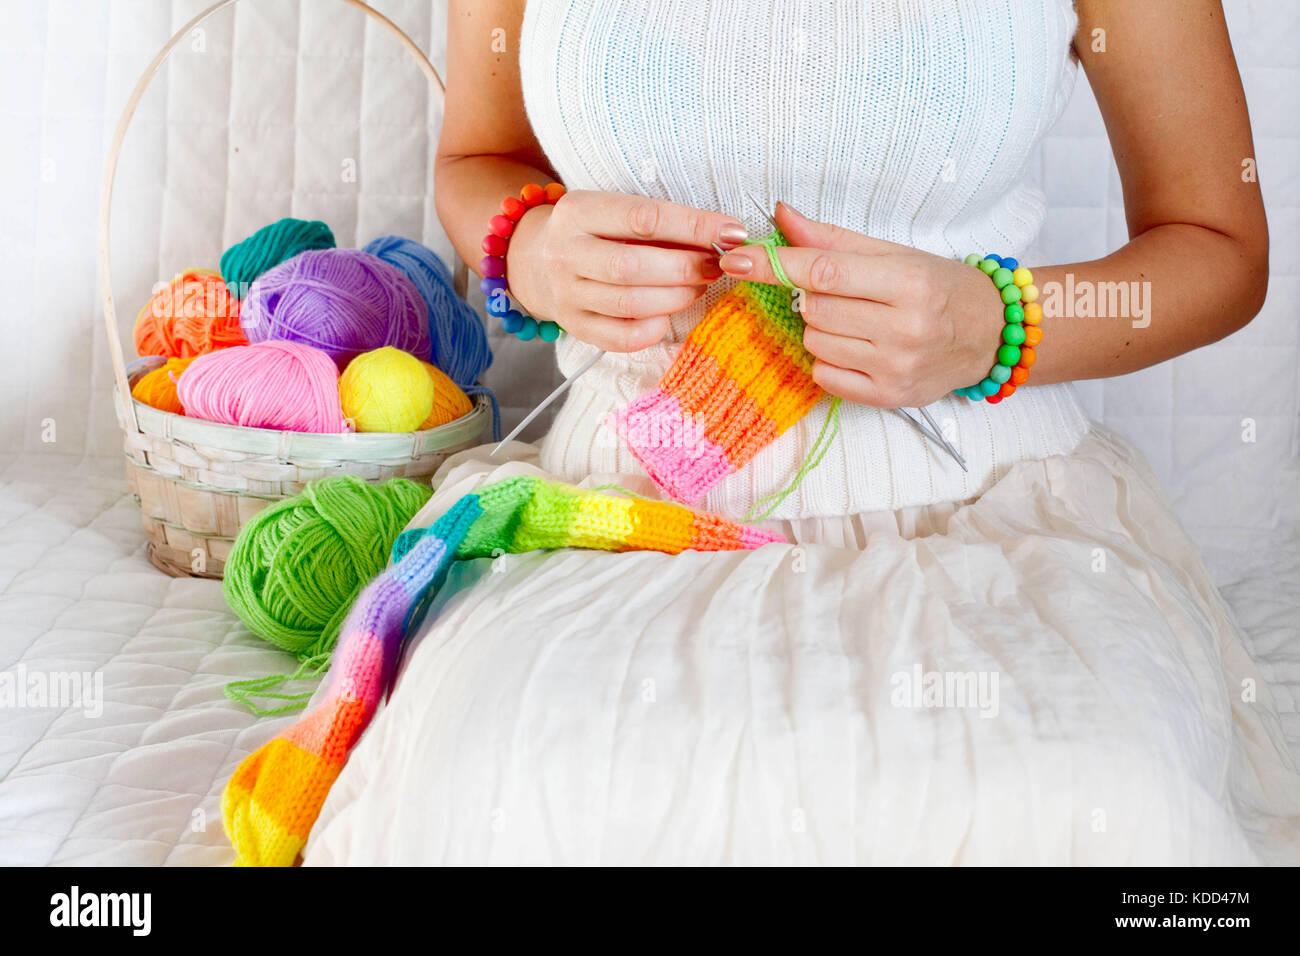 Knitting Freelance : Close up skein gold wool knitting stock photos